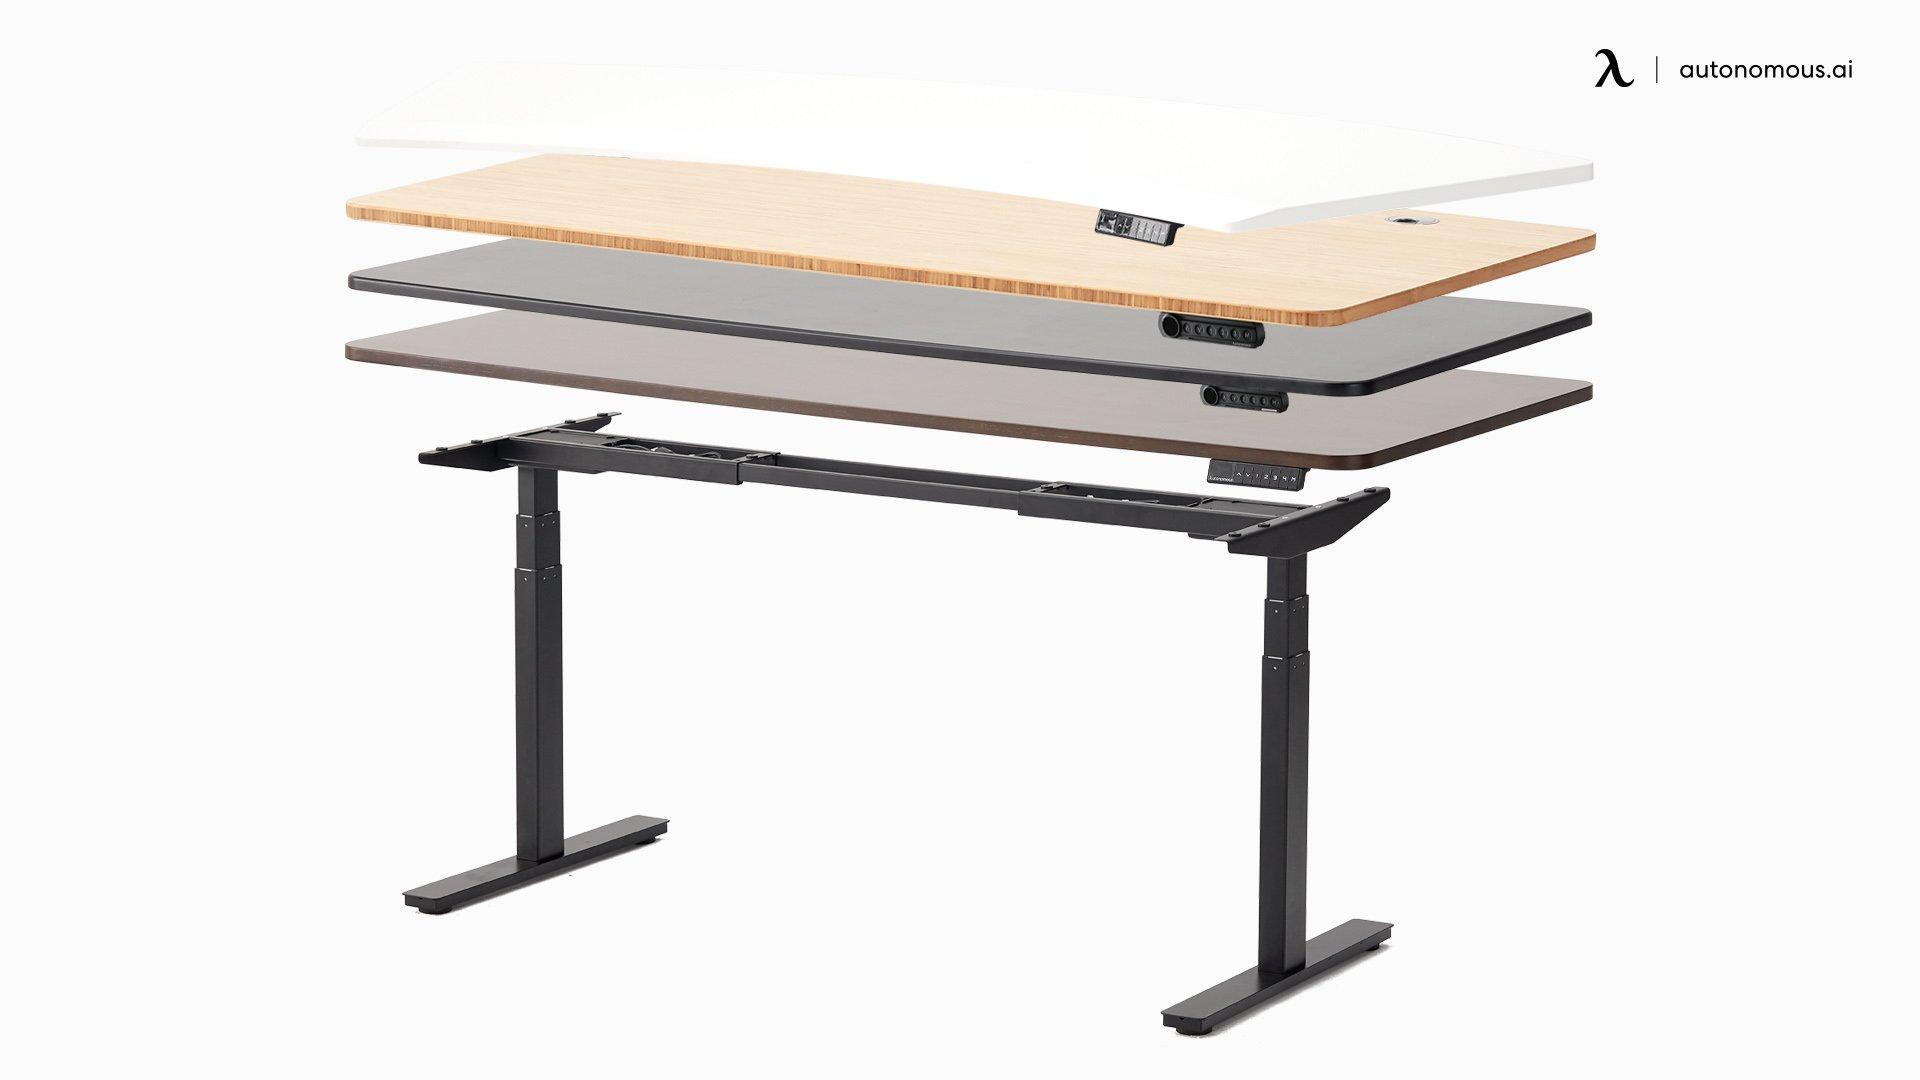 Autonomous SmartDesk 2 Standing Desk Base-Only